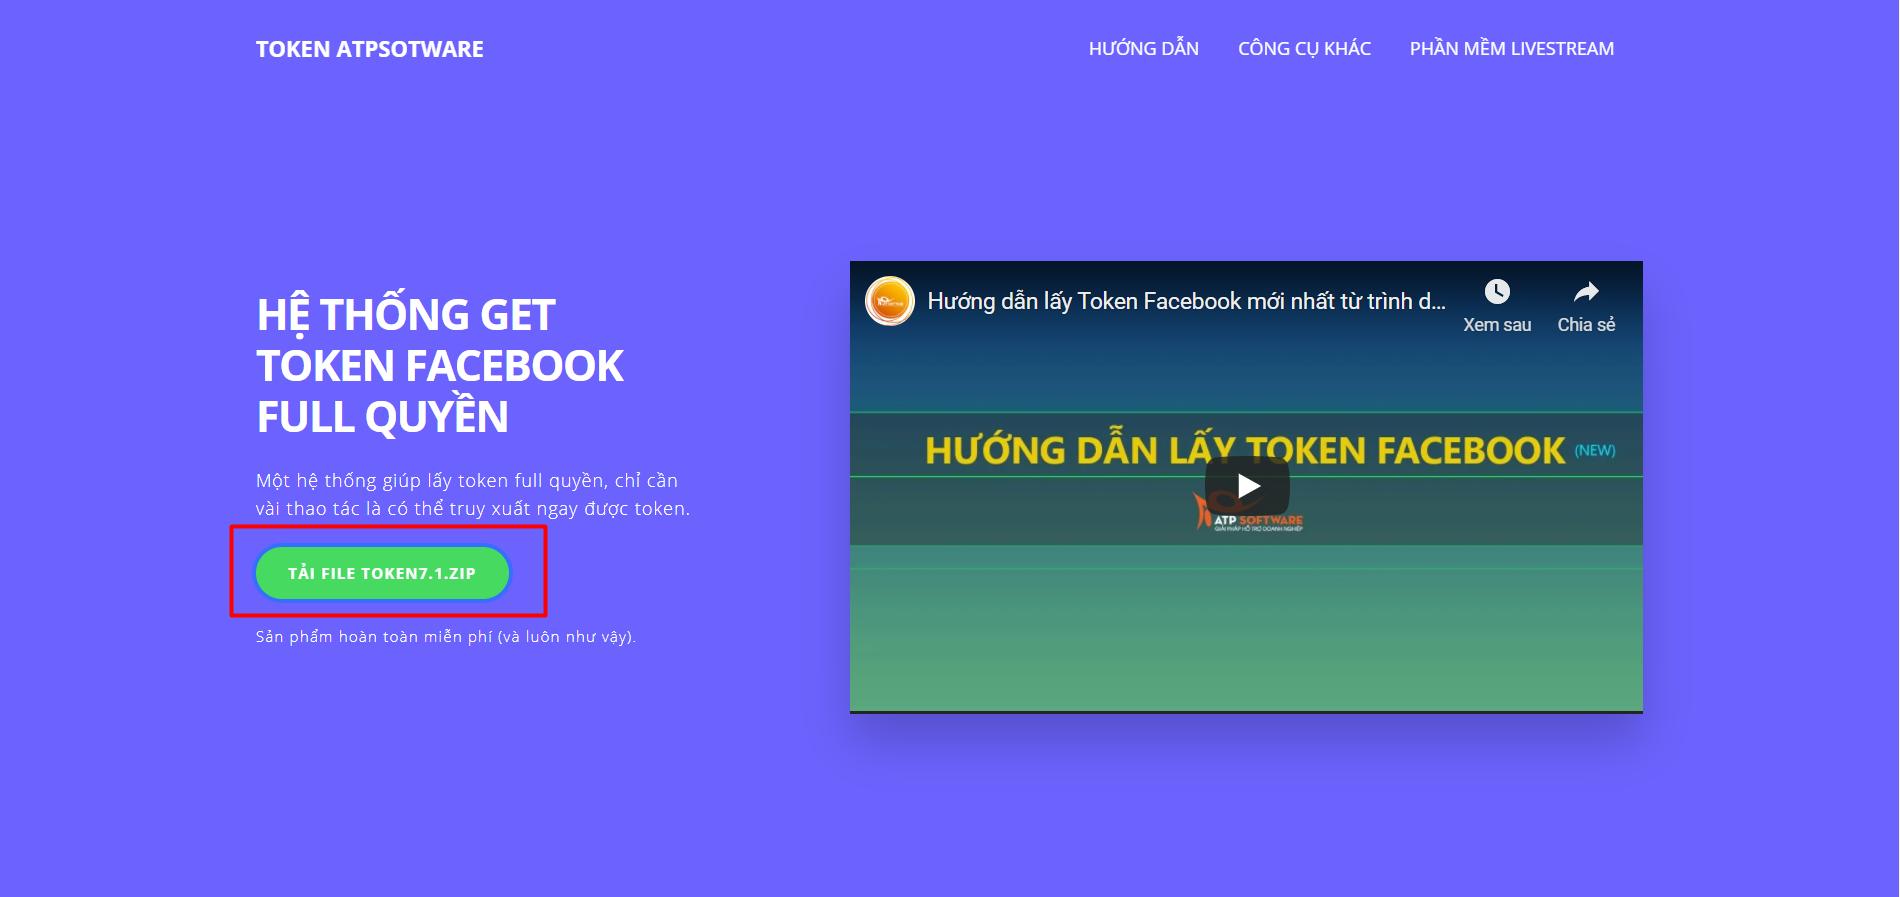 huong-dan-cah-lay-token-facebook-moi-nhat-2021-2